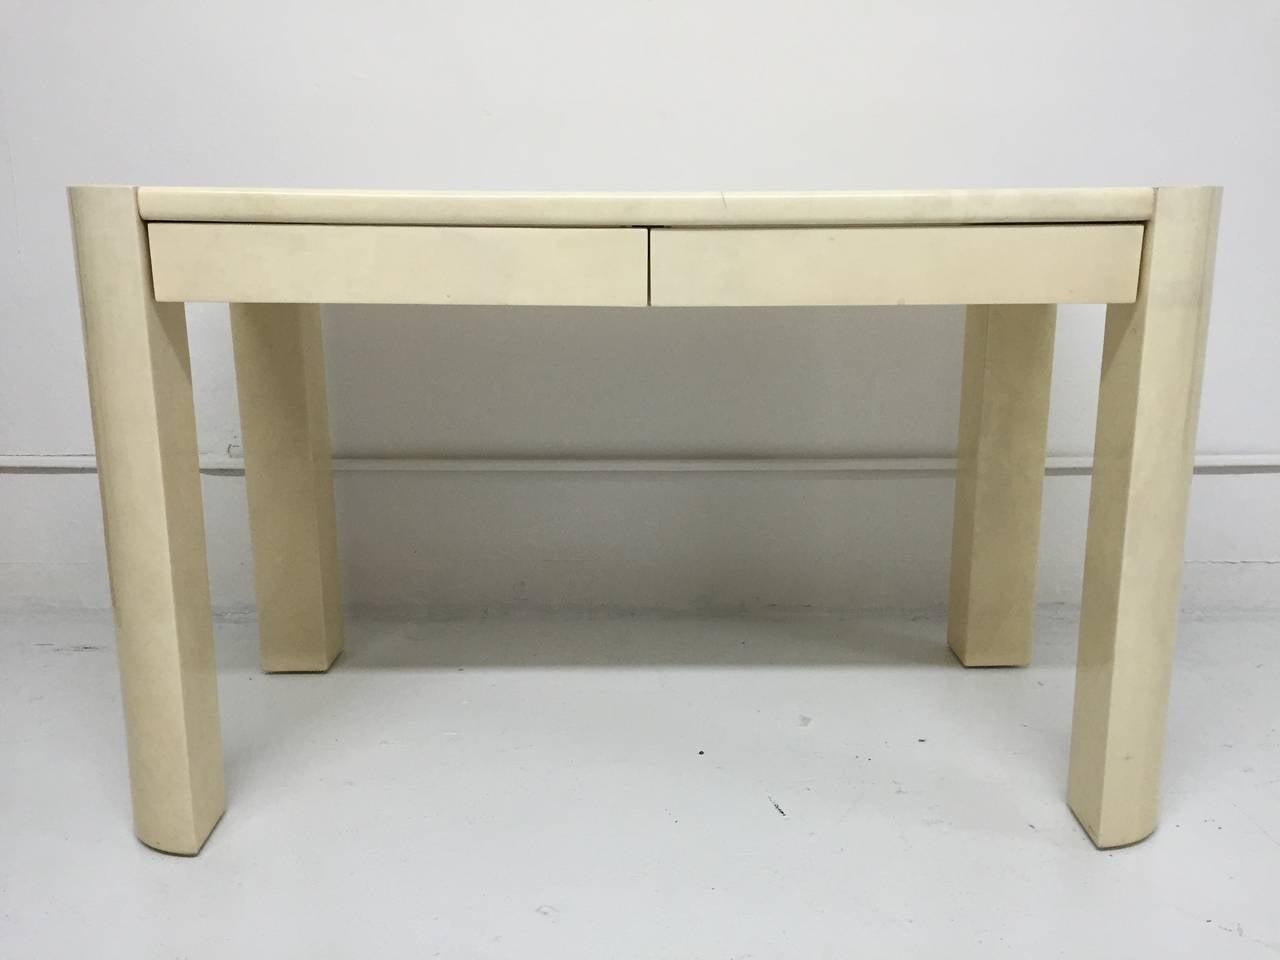 Shiny ivory lacquered goatskin angular leg desk or table by Karl Springer.